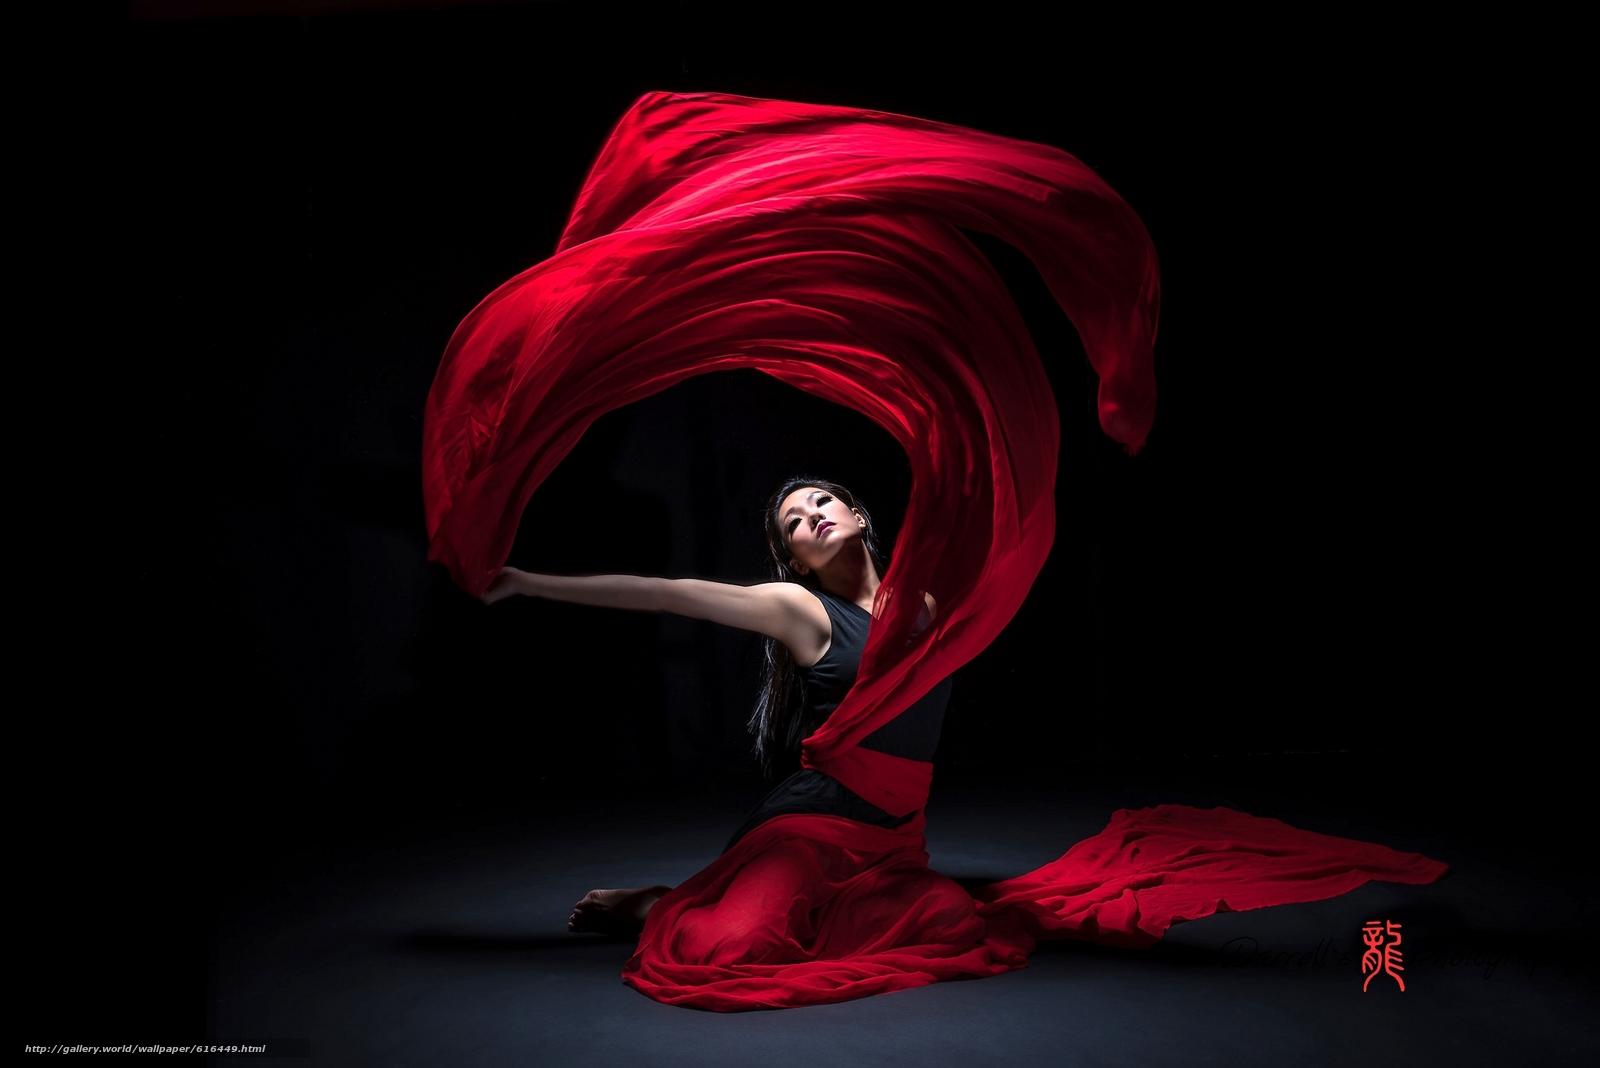 Скачать обои девушка,  азиатка,  танец,  материя бесплатно для рабочего стола в разрешении 2048x1367 — картинка №616449